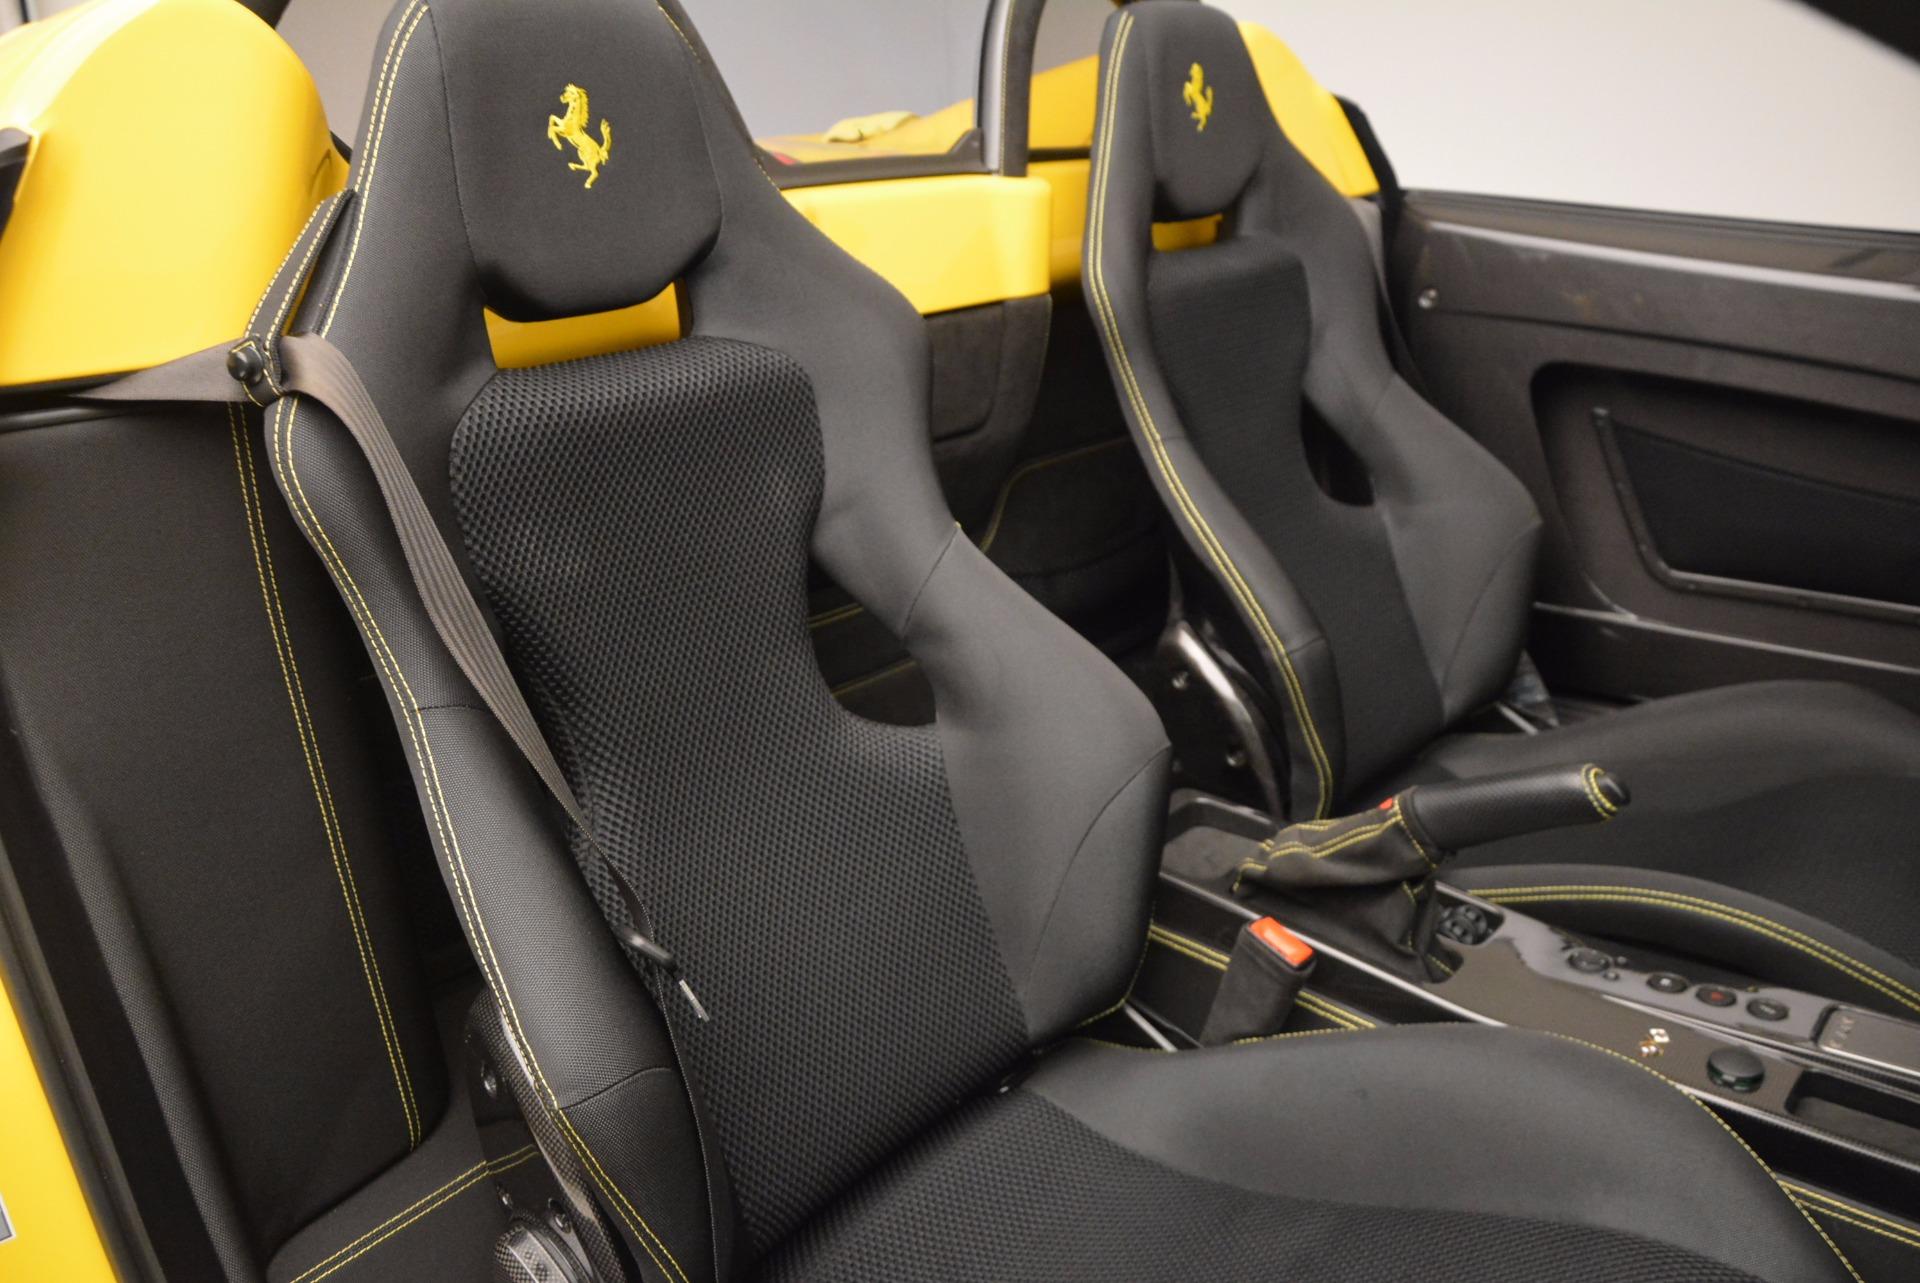 Used 2009 Ferrari F430 Scuderia 16M For Sale In Westport, CT 856_p31